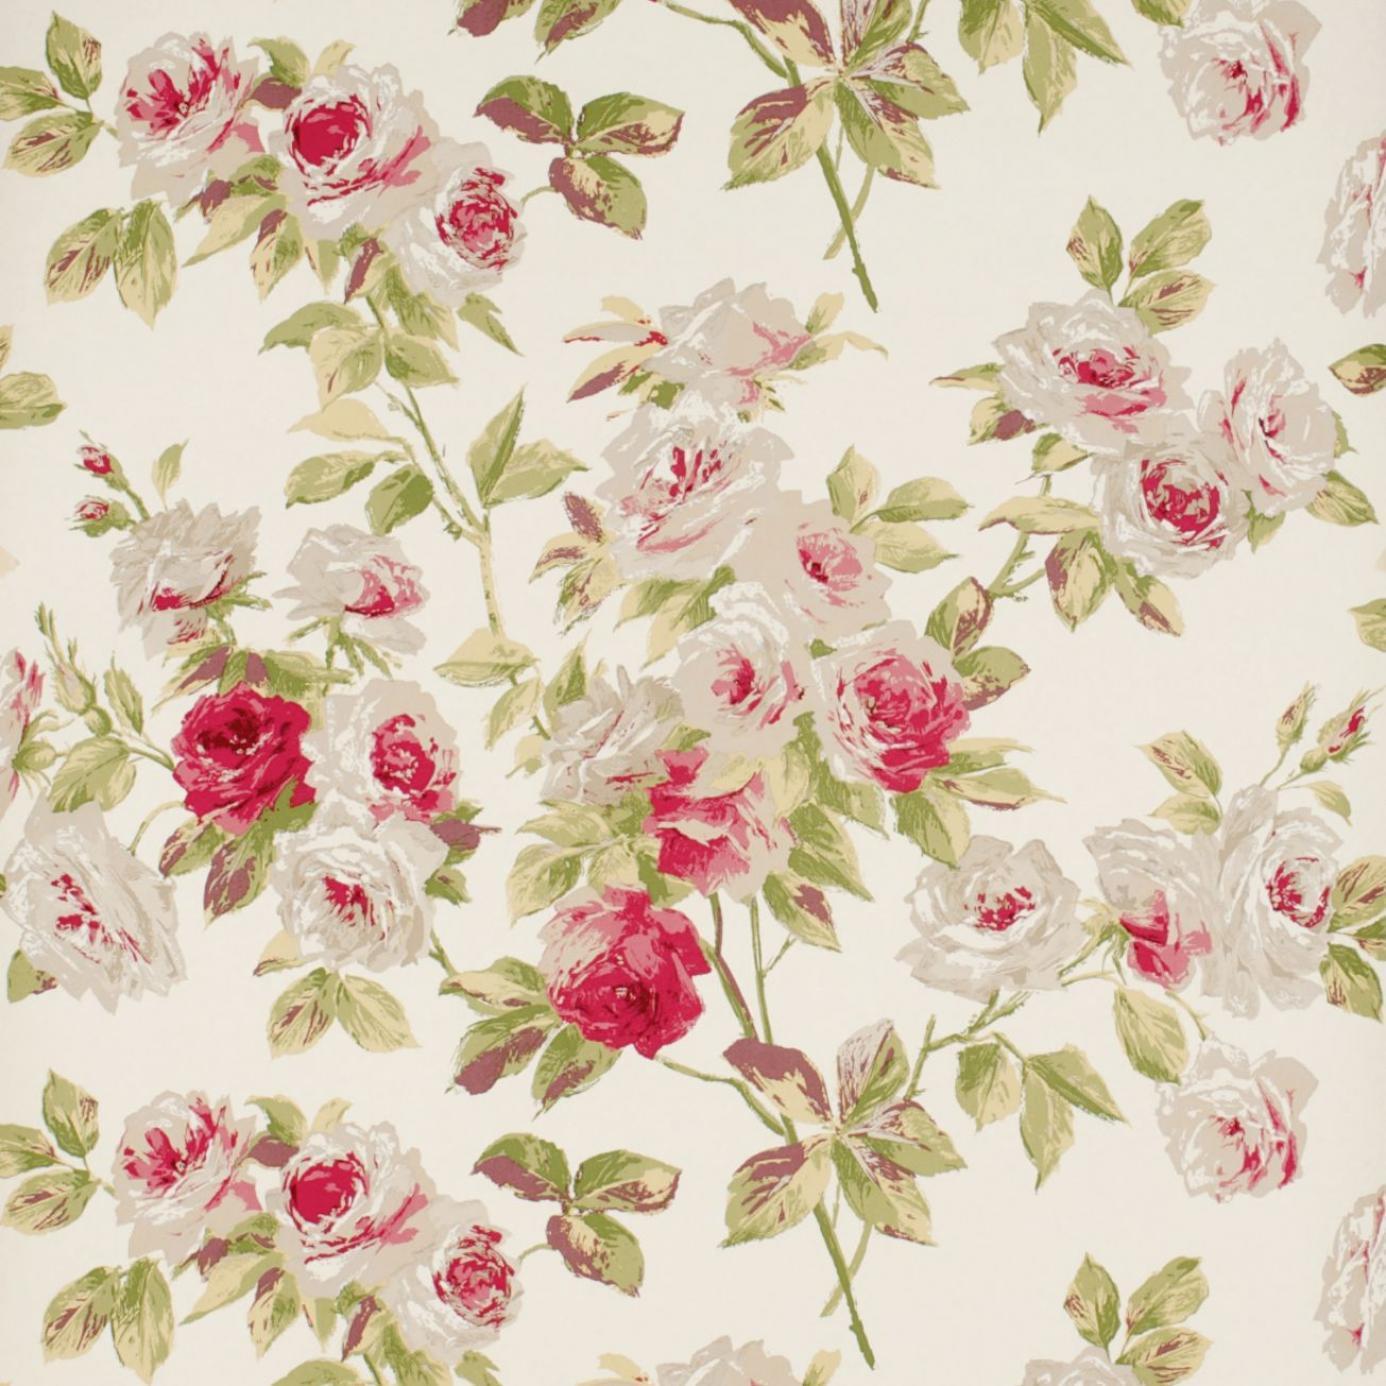 Vintage Flowers Wallpapers